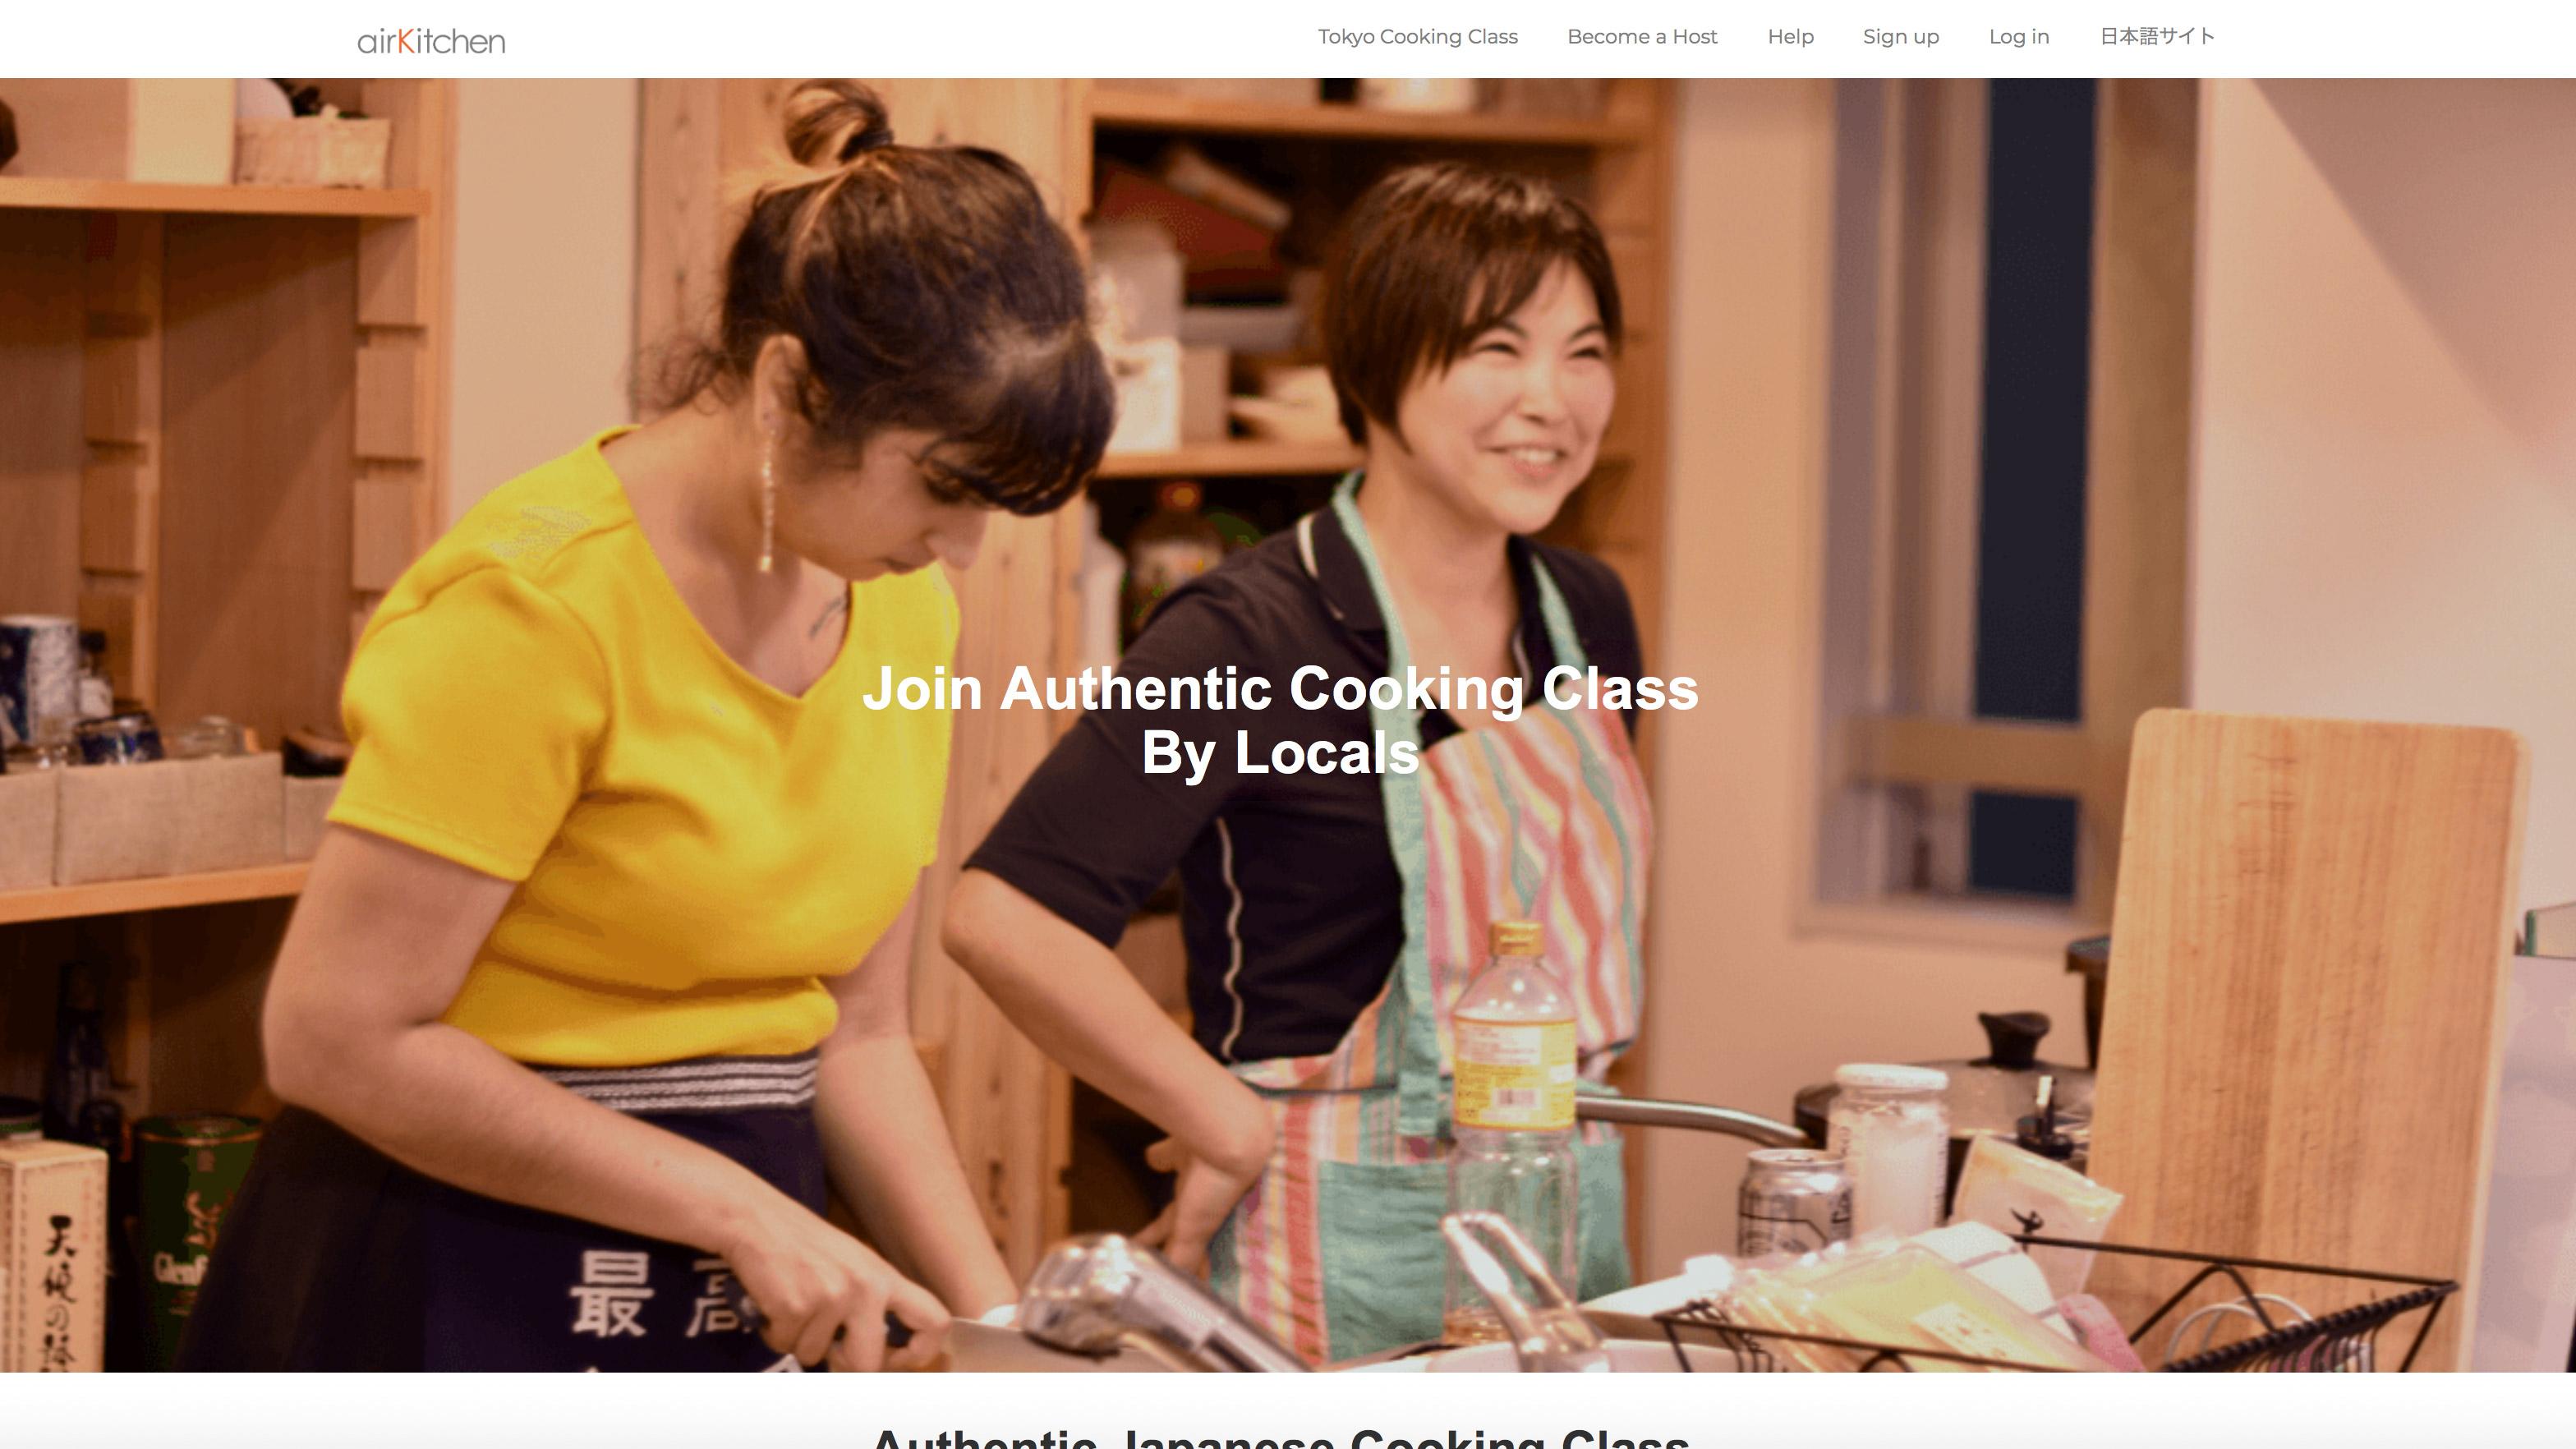 Die Webseite von AirKitchen. Einen Kurs finden und buchen ist ganz einfach.